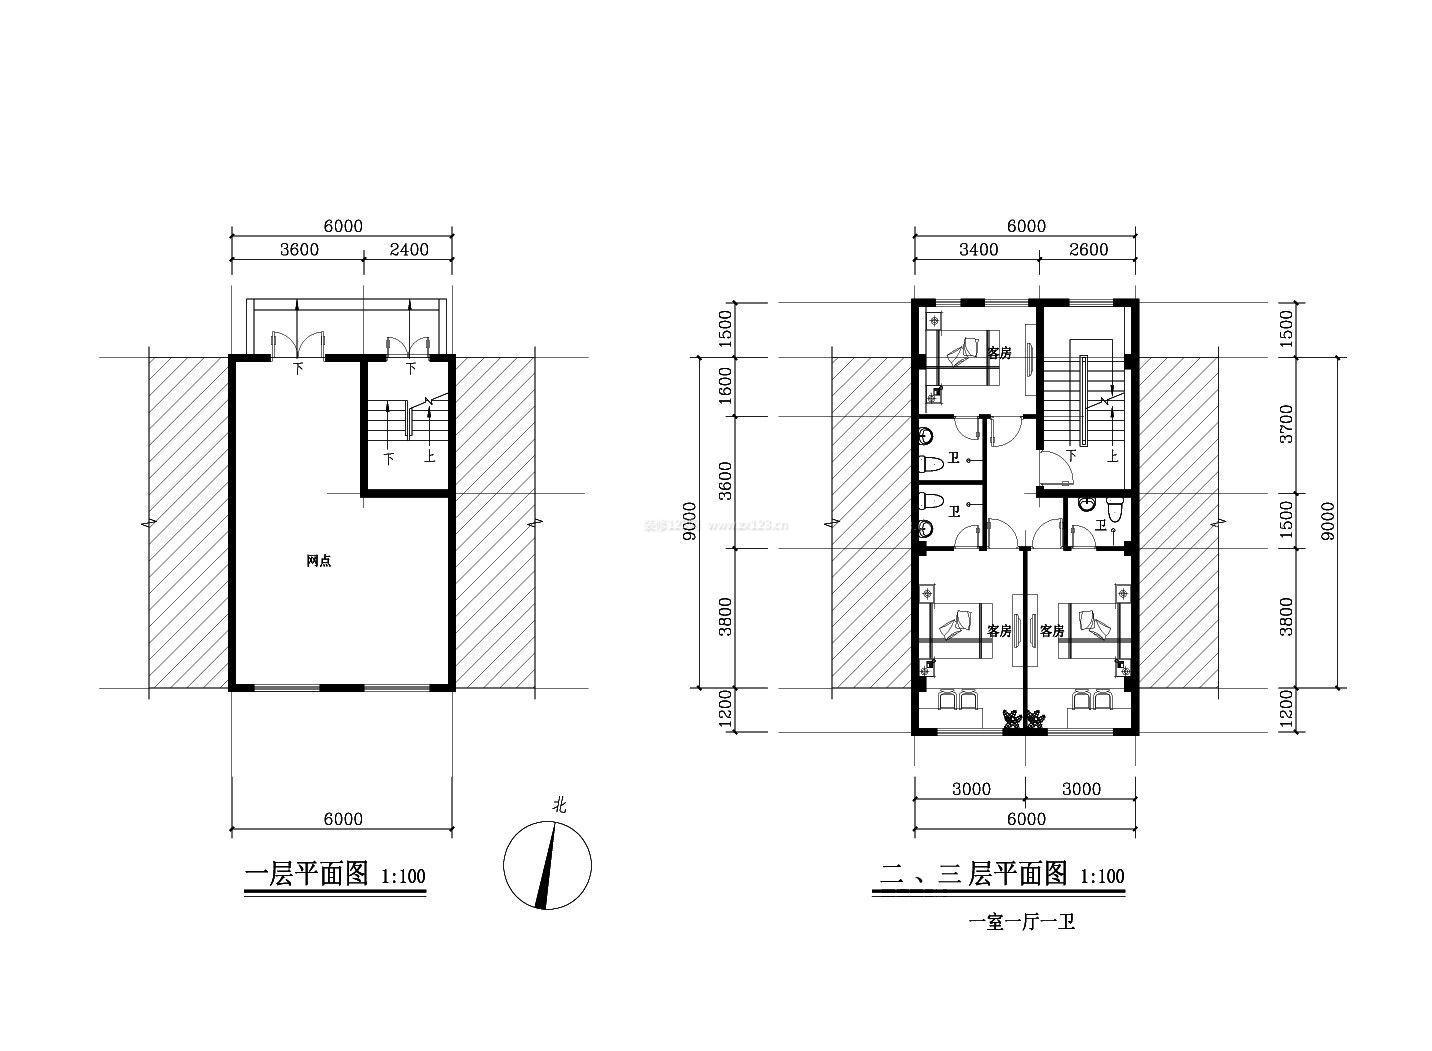 120长方形户型设计图_农村户型设计图120平方